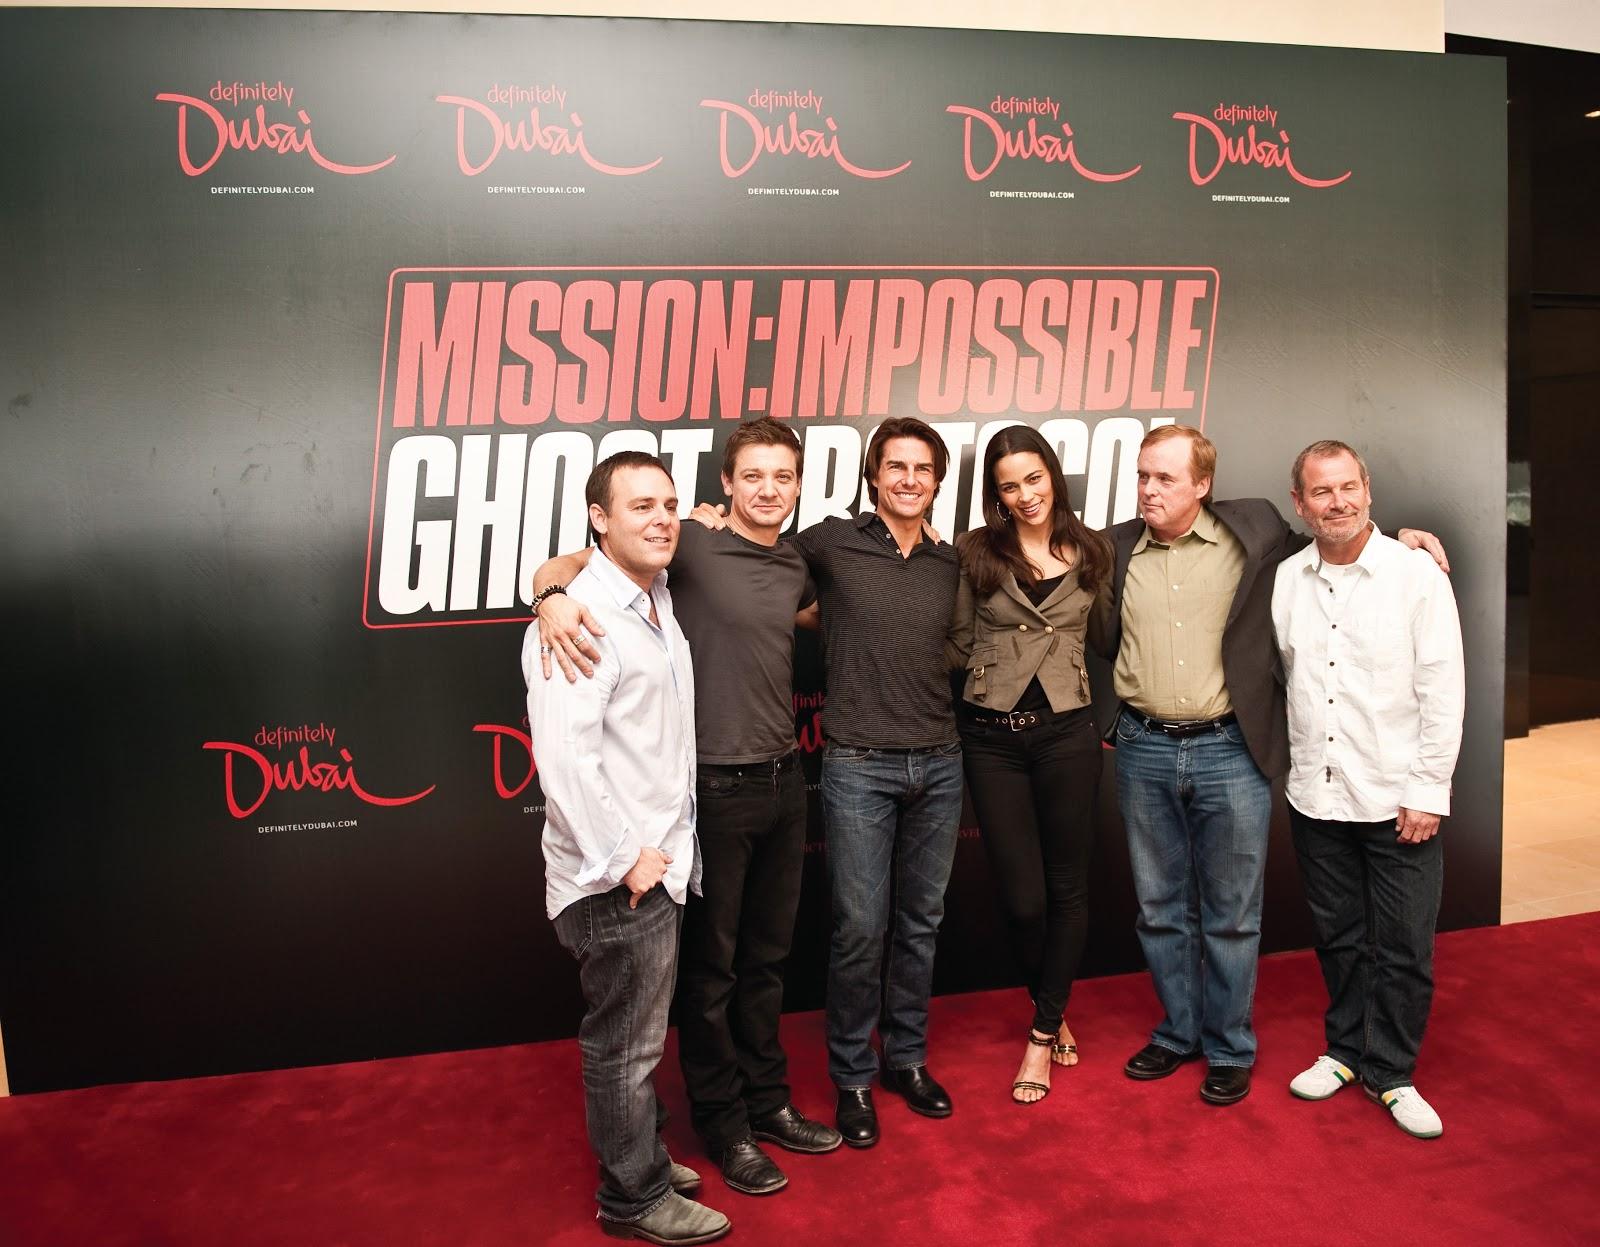 http://2.bp.blogspot.com/_2rsi6gSyIw8/TMpeRPmhv-I/AAAAAAAAJTA/C1chYZ5M-fw/s1600/063_MissionImpossibleDXB20101028.jpg_cmyk.jpg